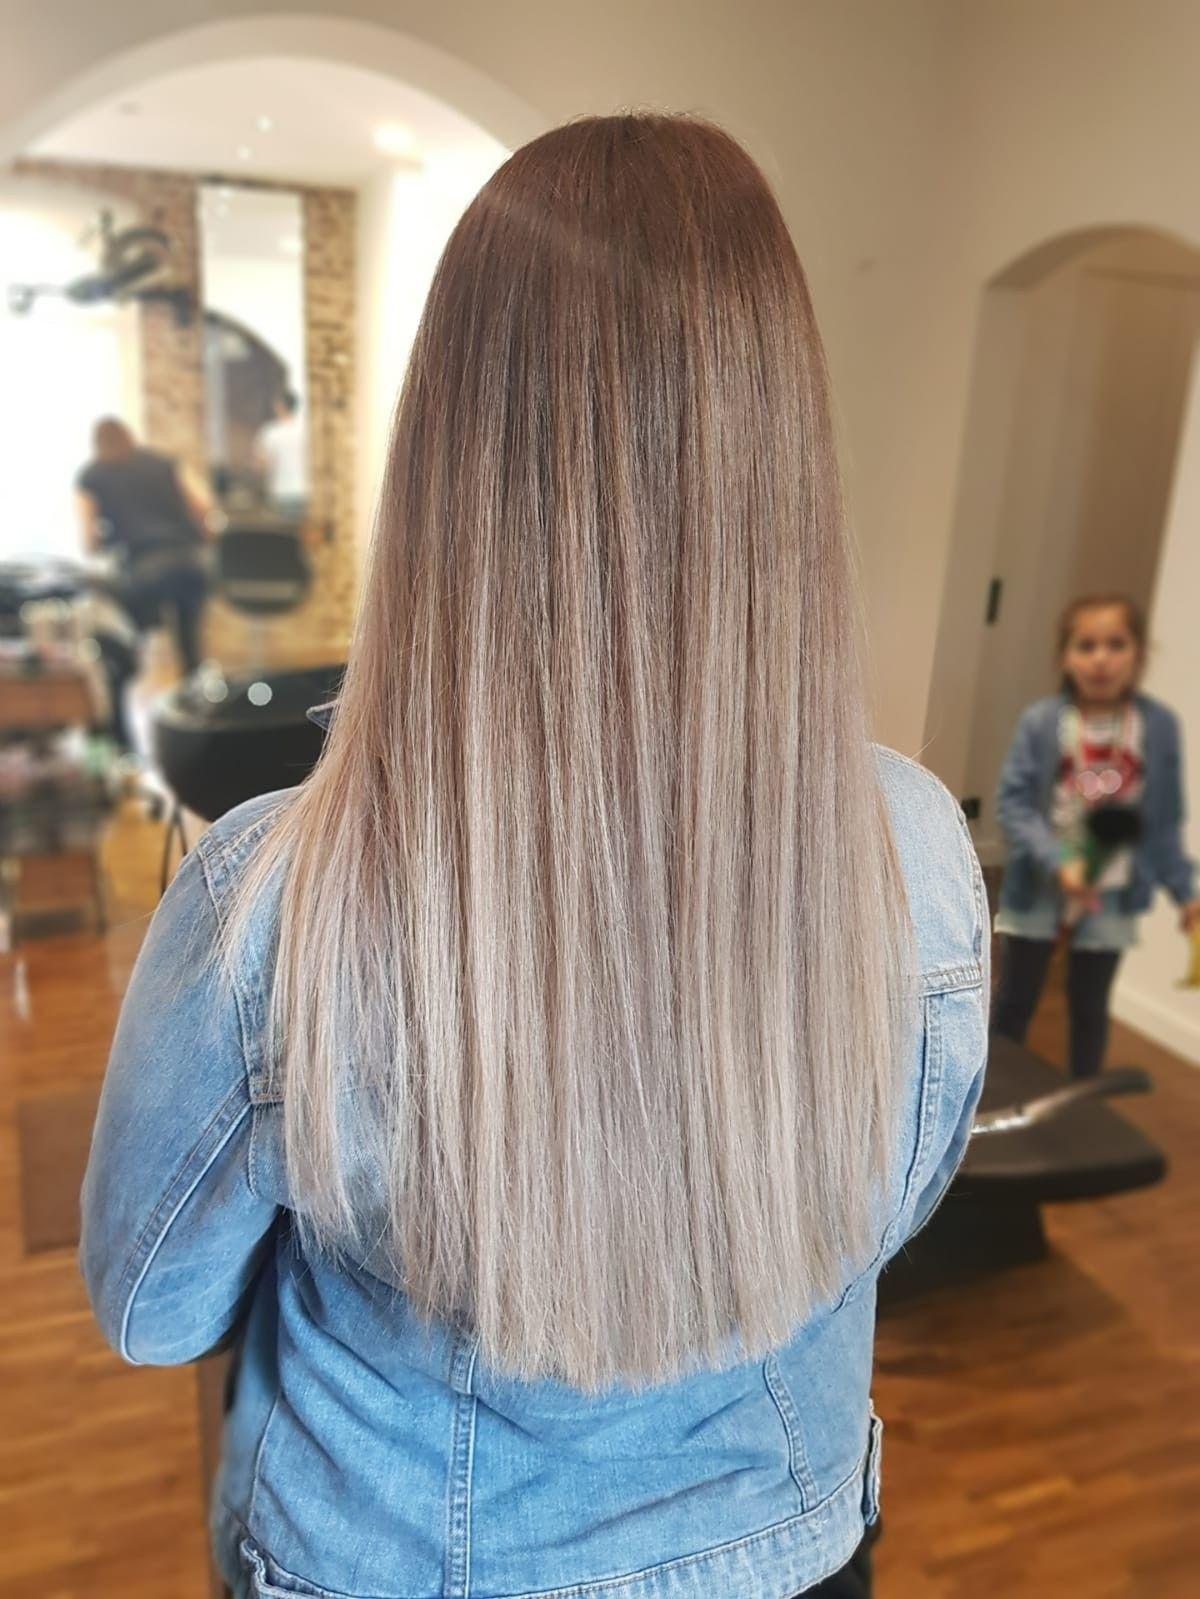 Lange Haare Braun Blonde Beige Haare Farben Soft Frisur